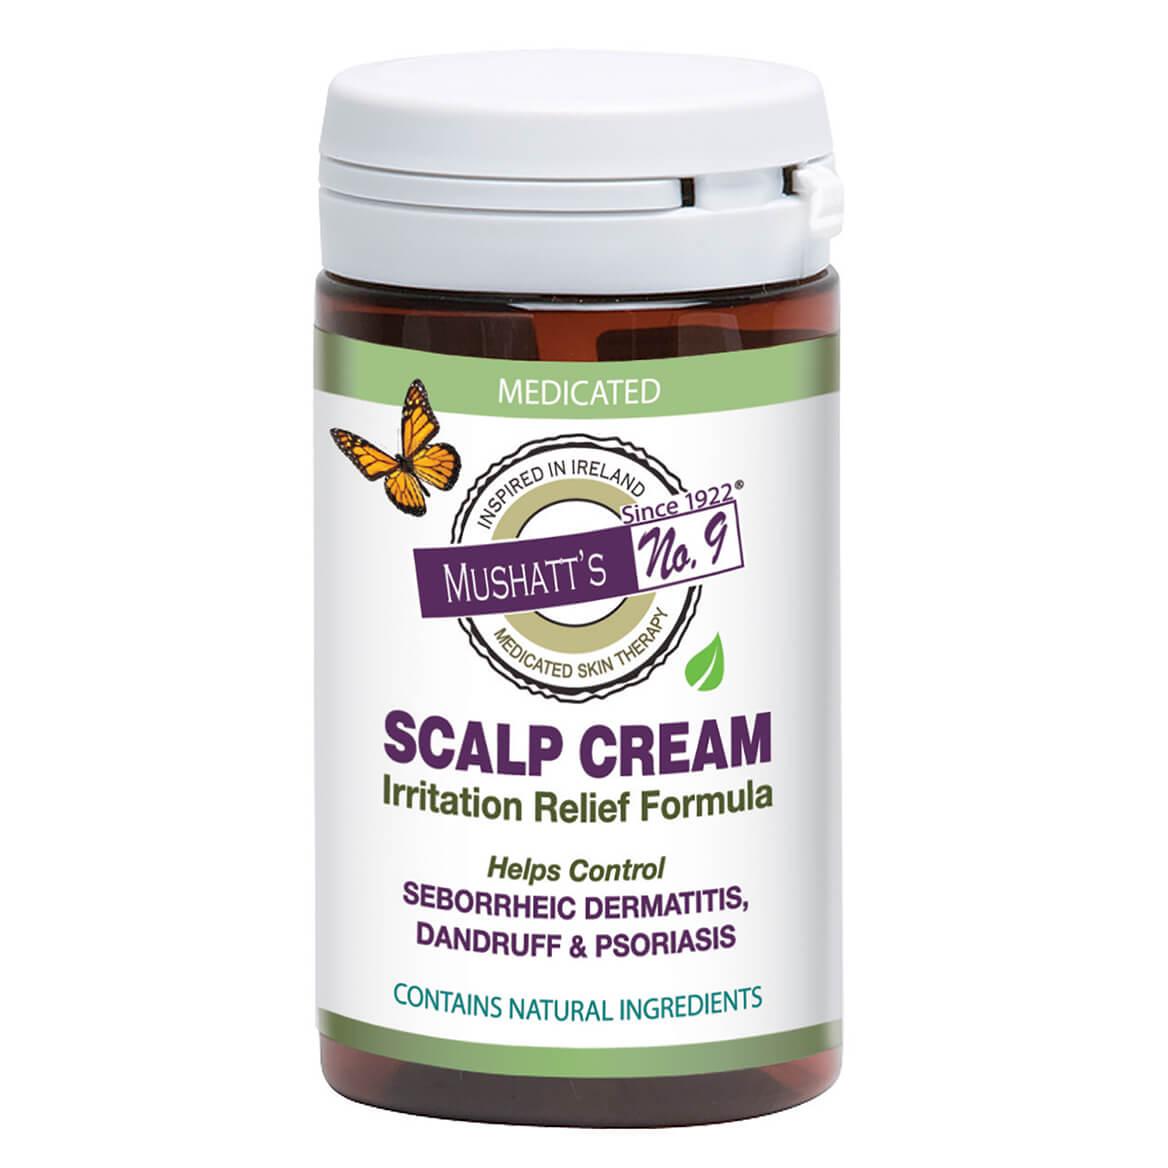 Mushatt's No. 9 Medicated Scalp Cream-364401